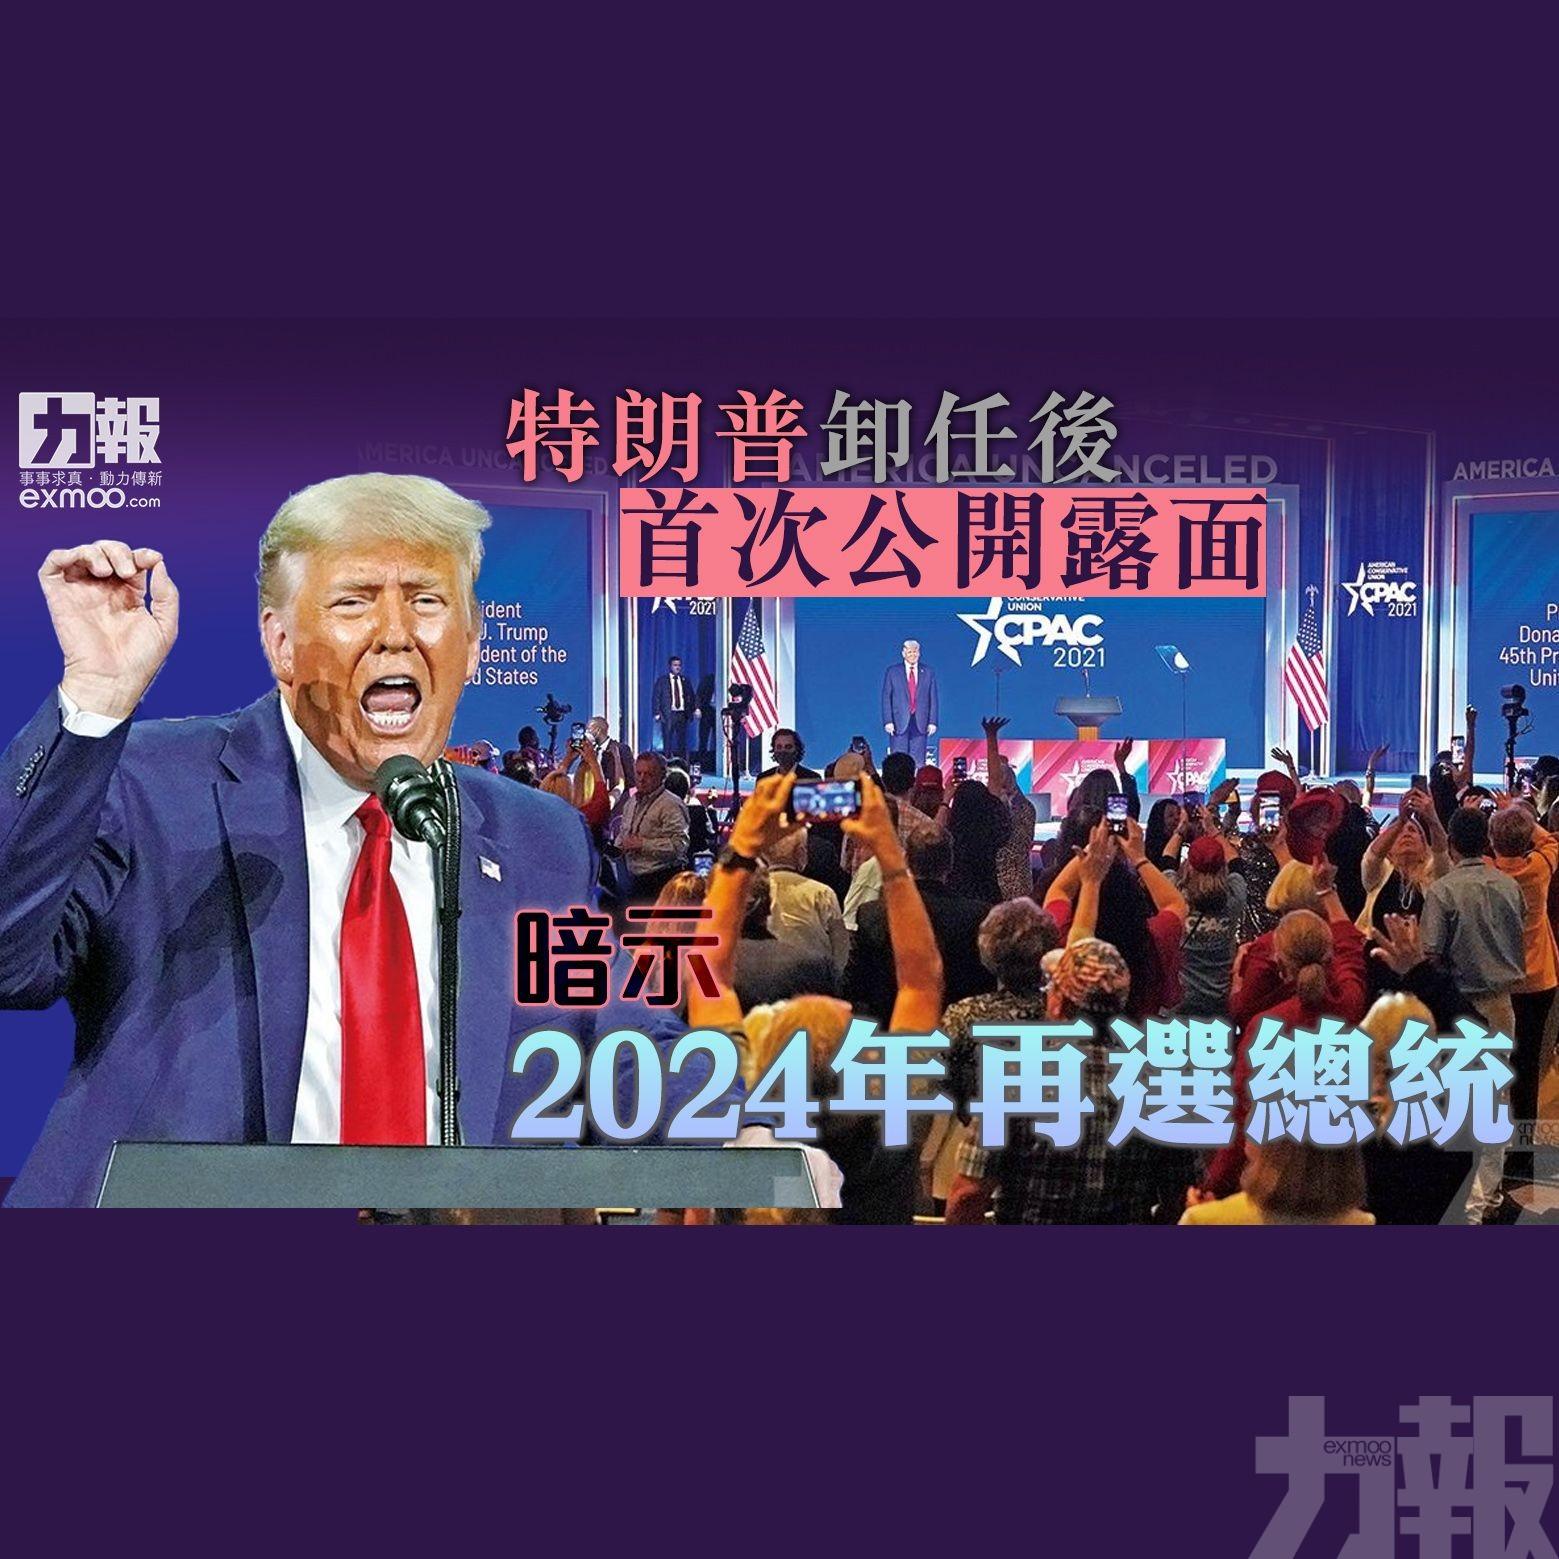 暗示2024年再選總統